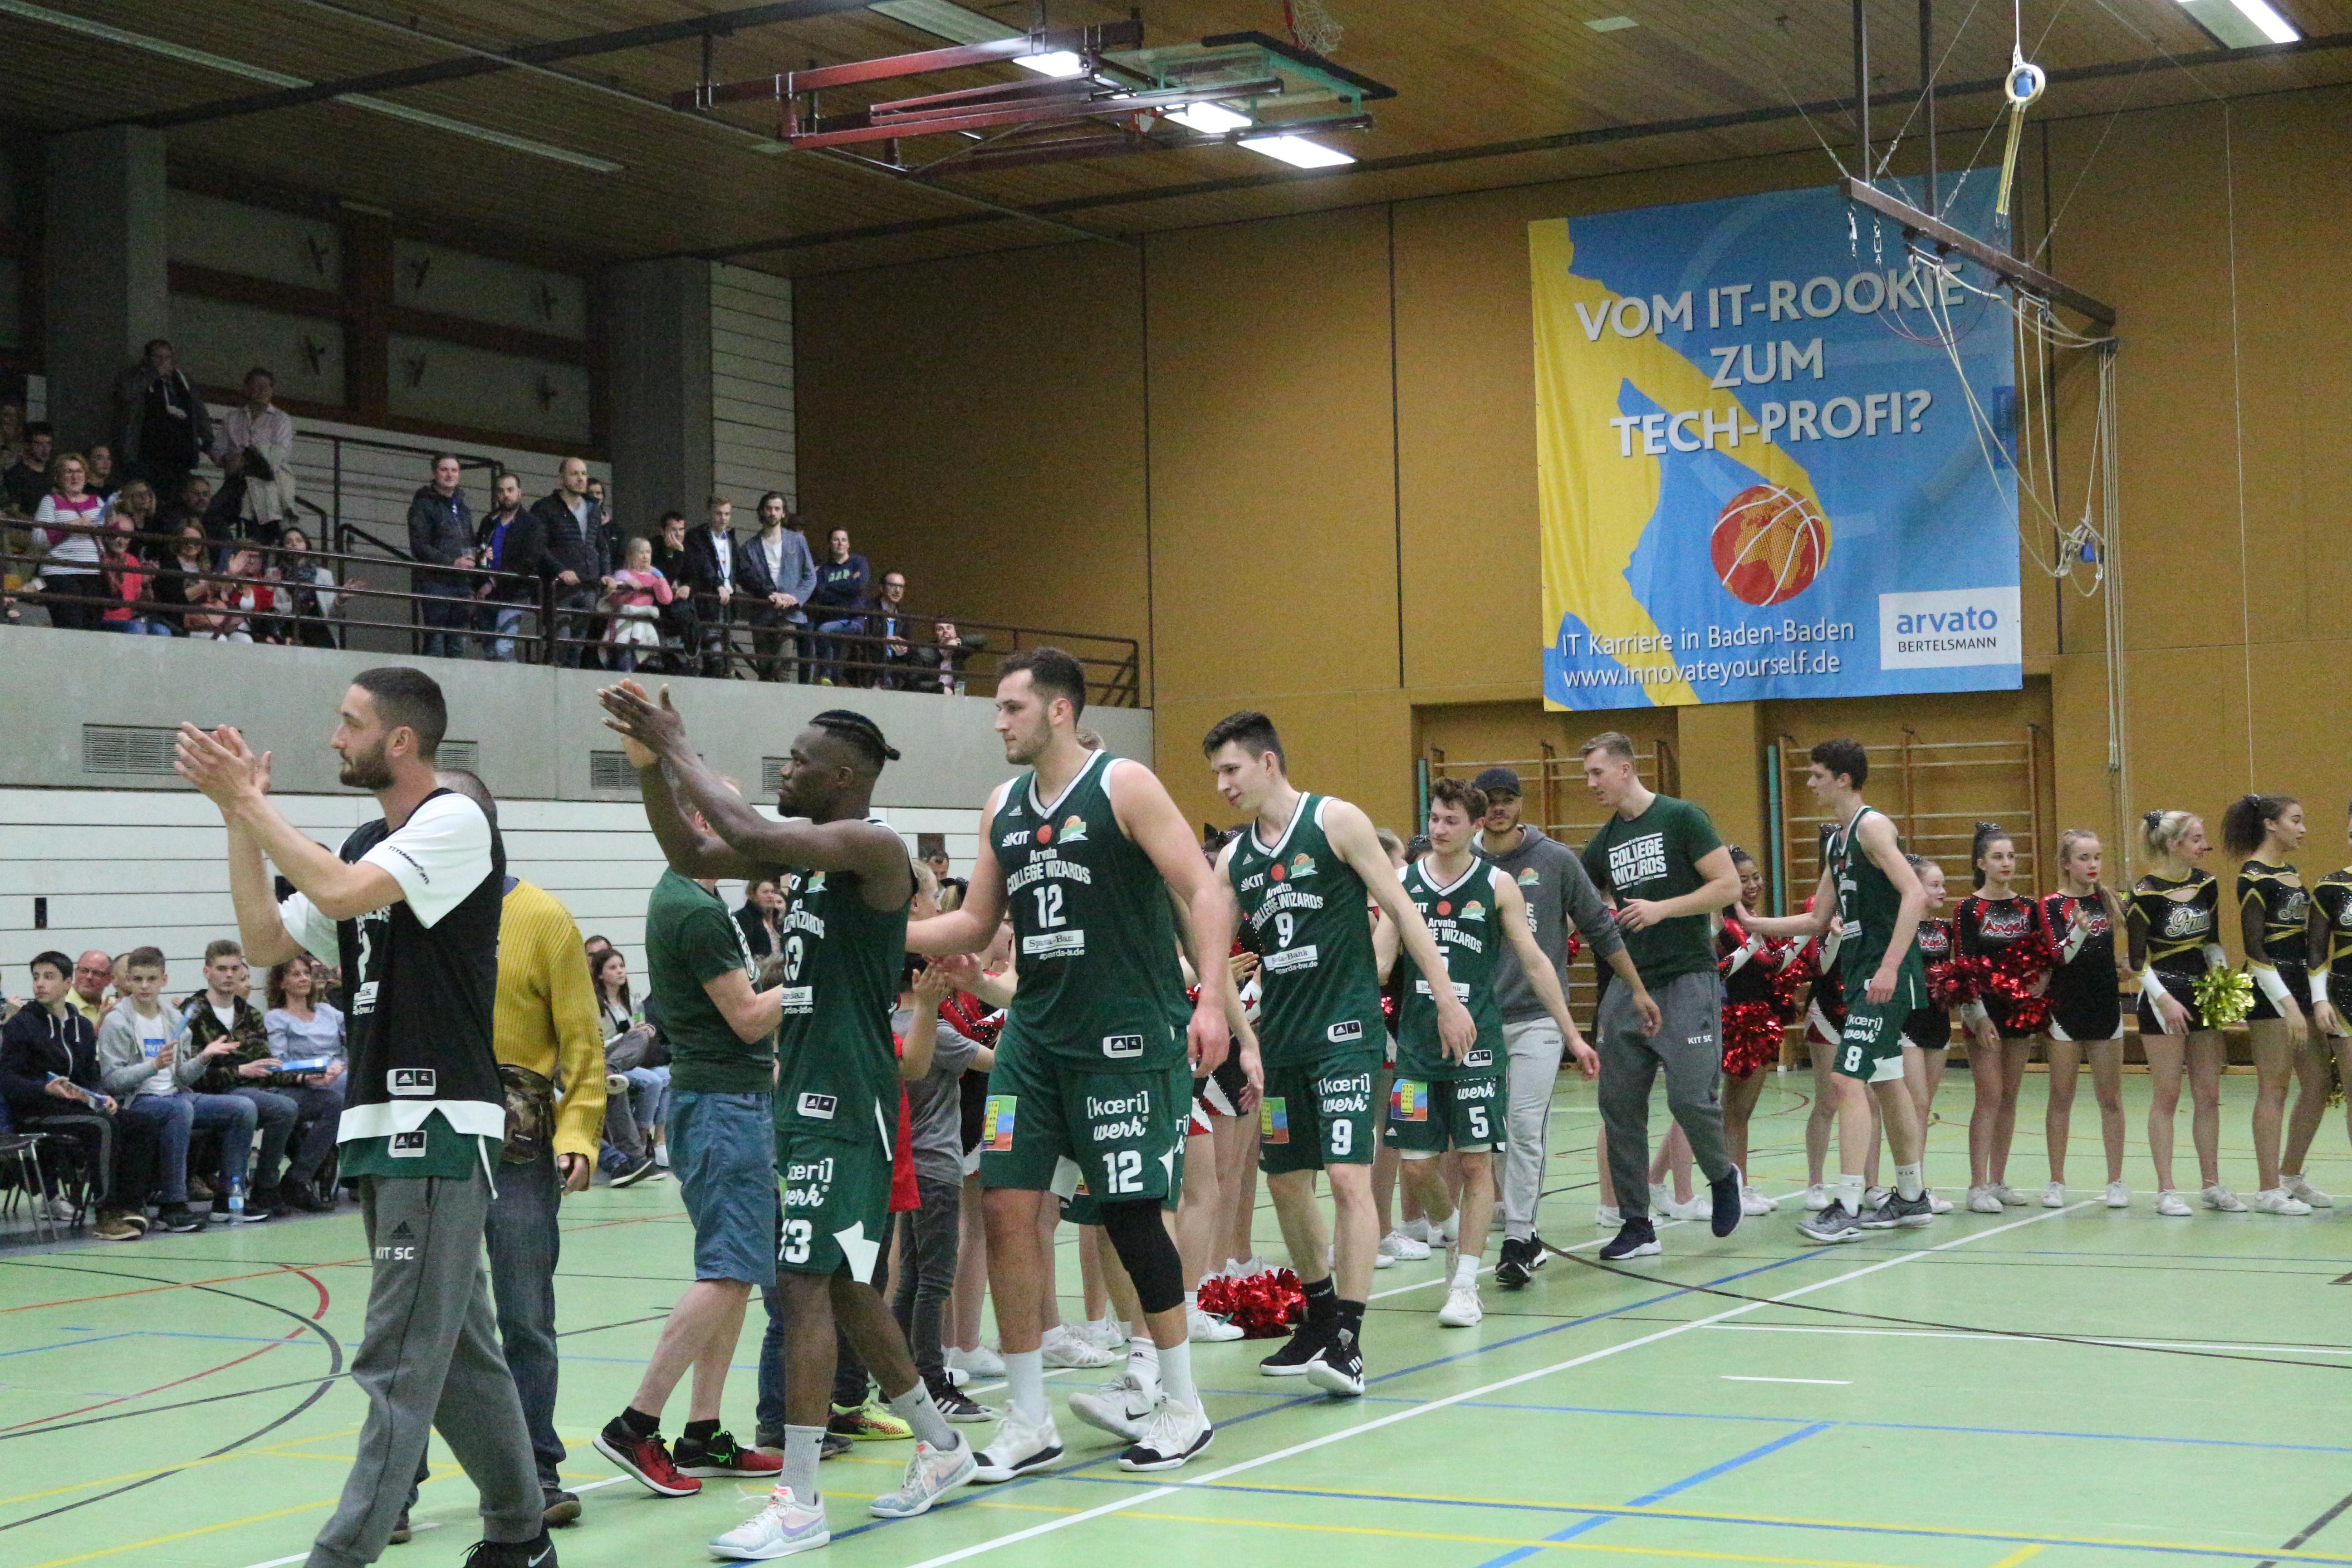 KIT-Basketballteam läuft aus der Halle und winkt ins Publikum